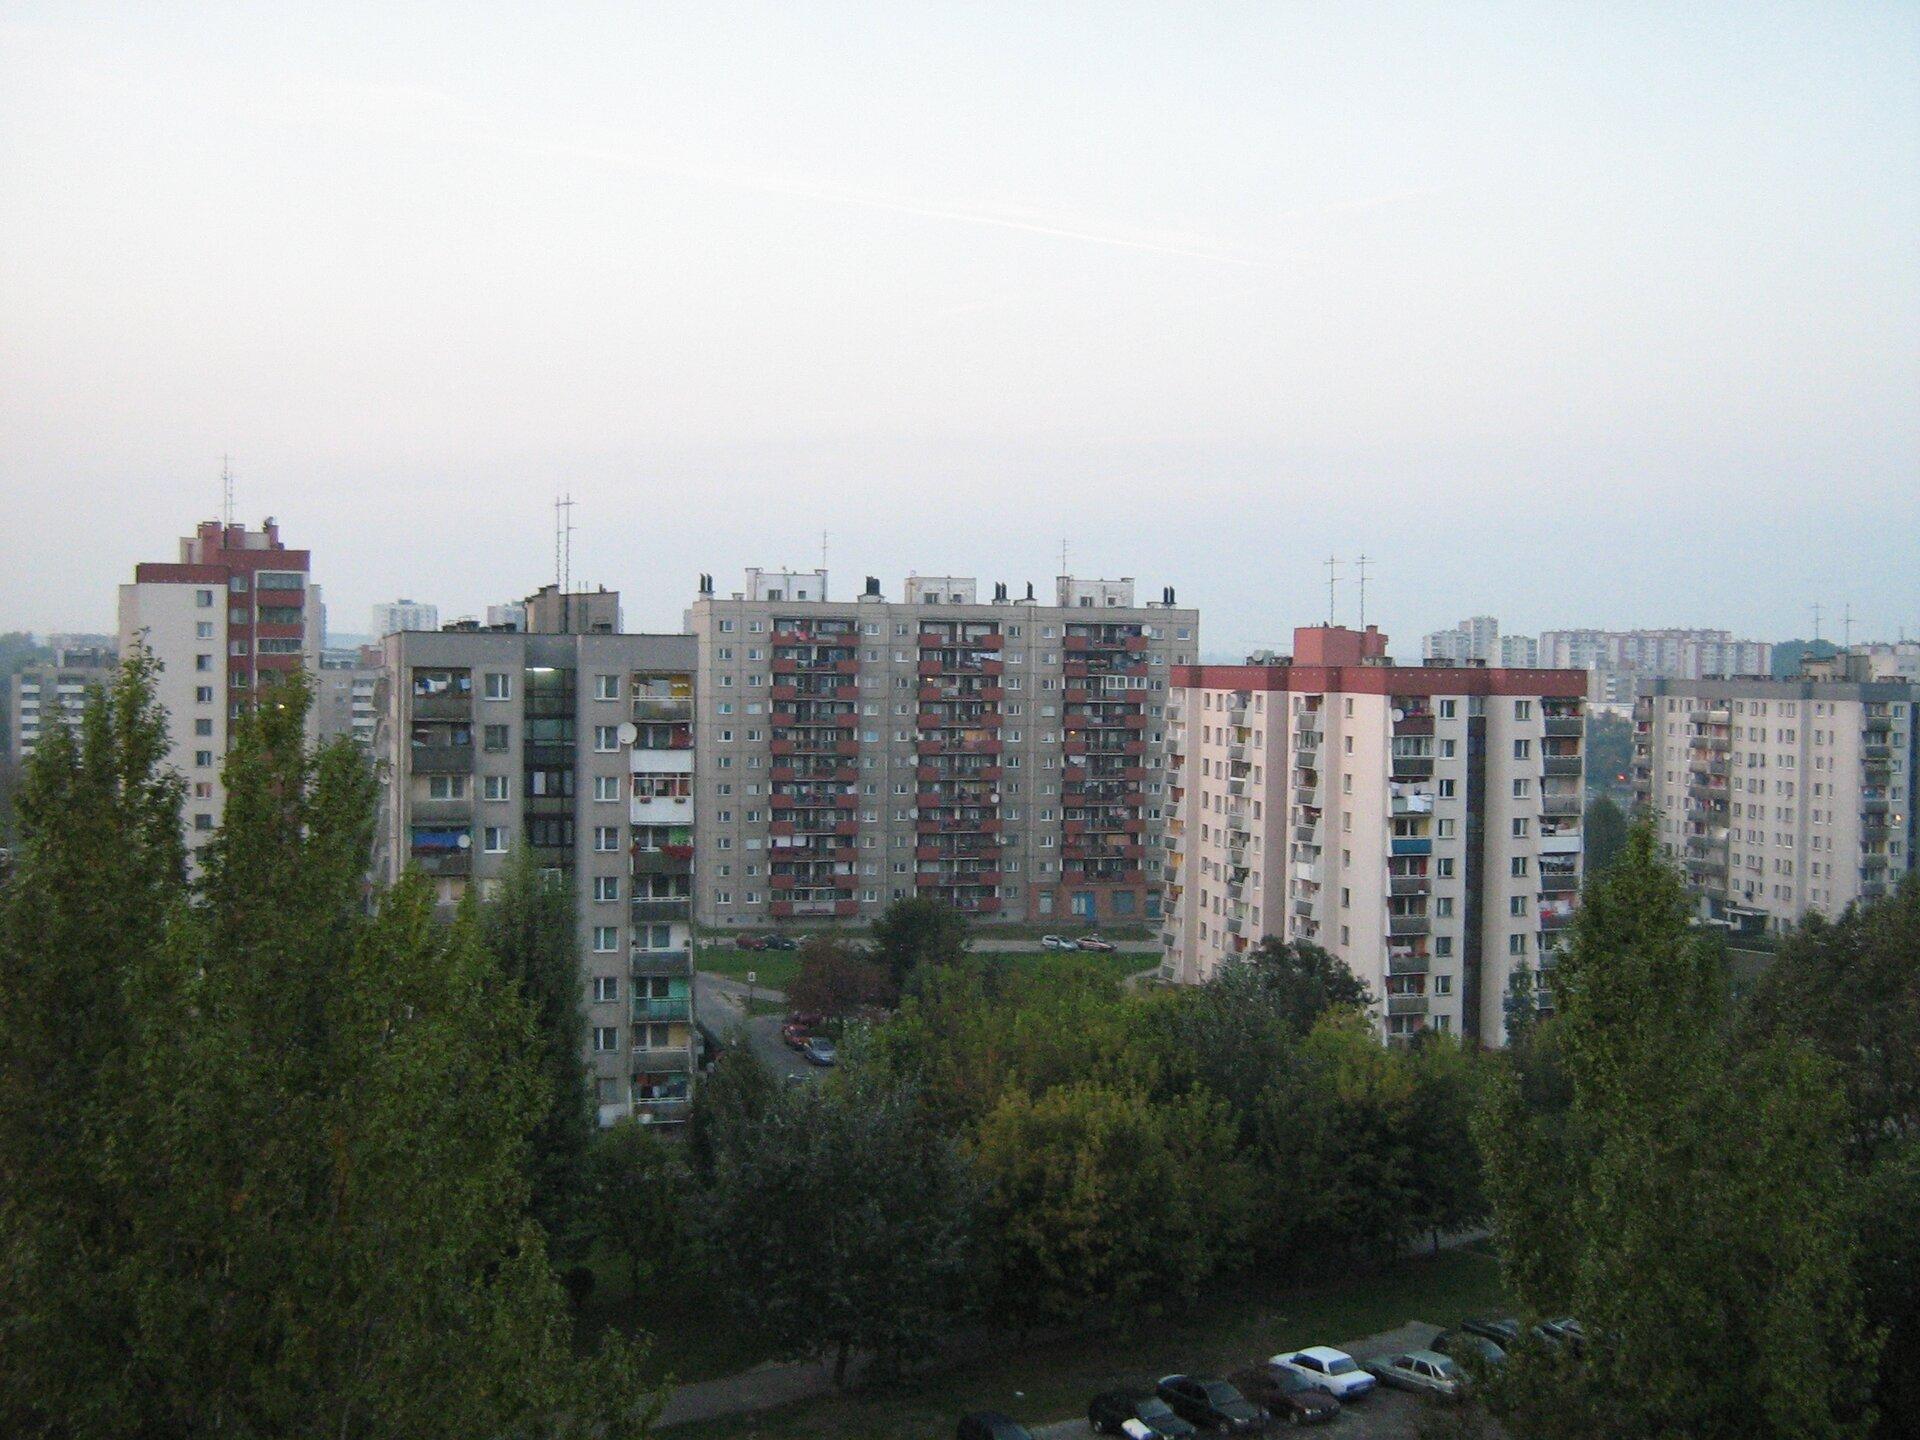 Na zdjęciu gęsta zabudowa mieszkaniowa, wielopiętrowe bloki.